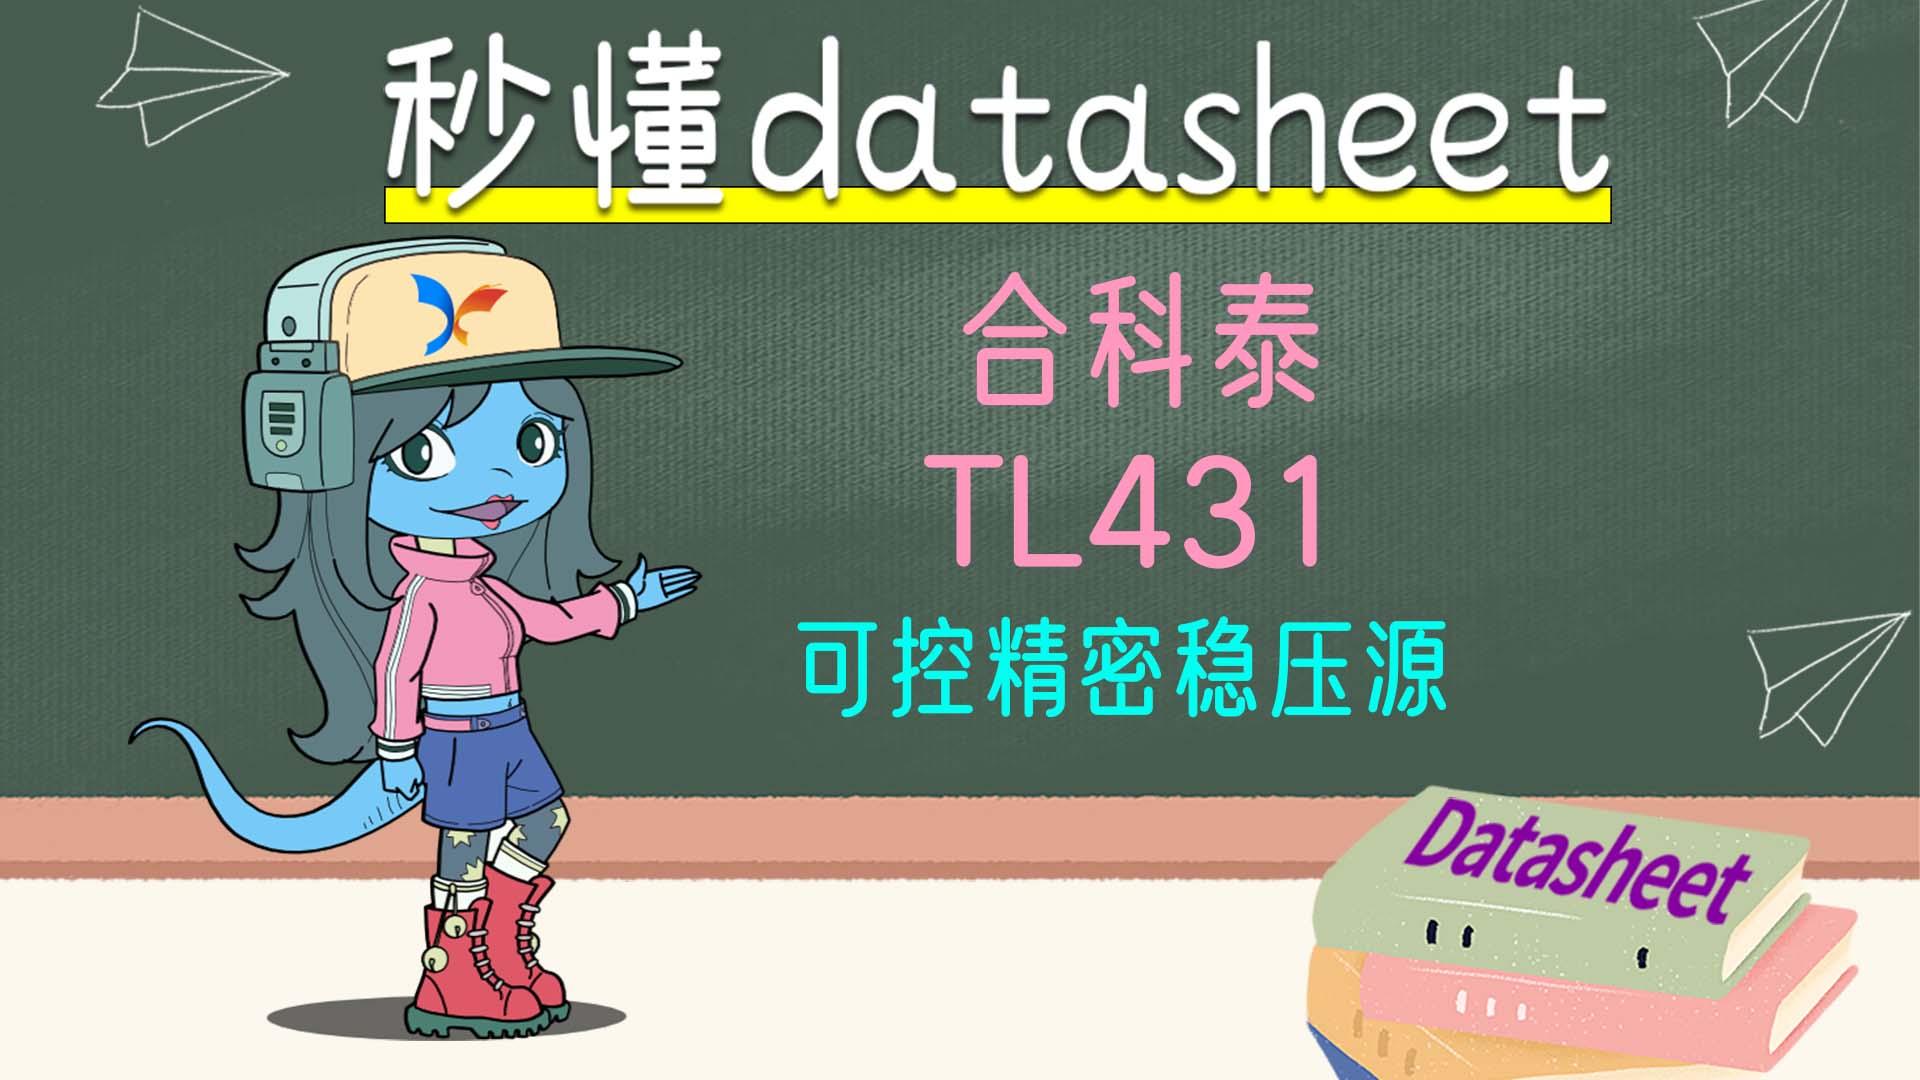 【秒懂datasheet】合科泰 TL431 可控精密稳压源